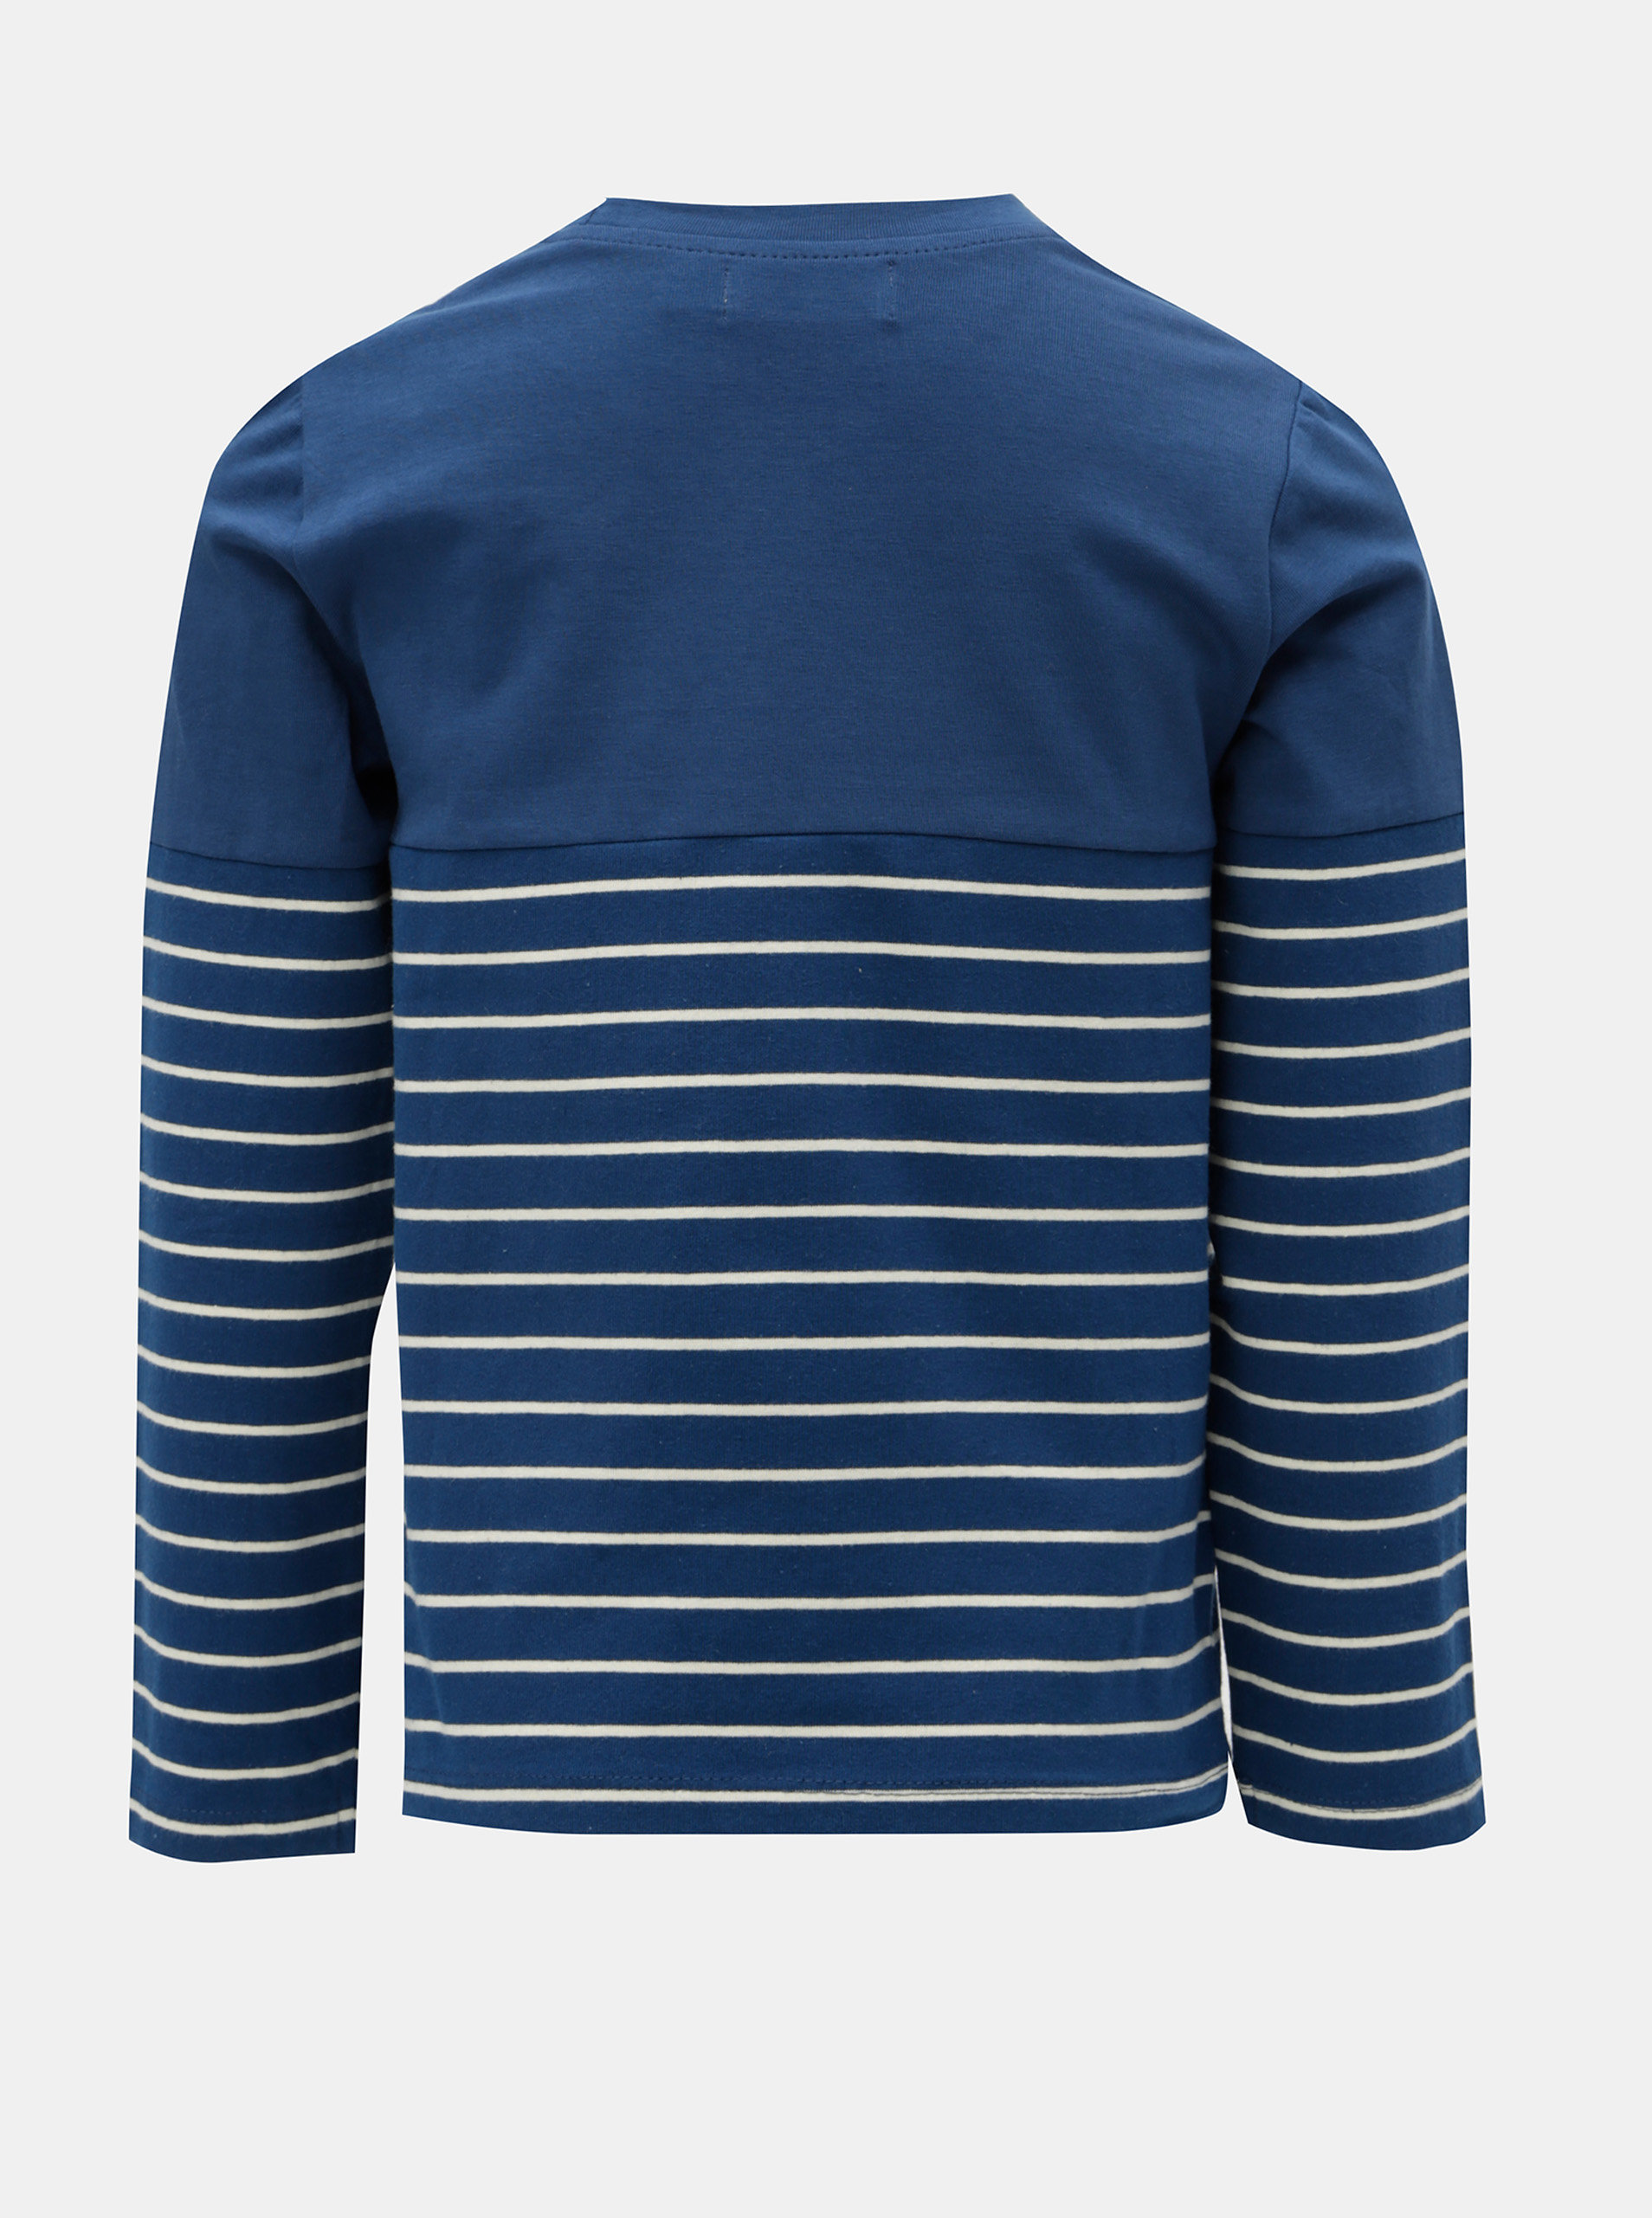 Tmavě modré holčičí pruhované tričko s potiskem ryb BÓBOLI ... 8e72584c9c